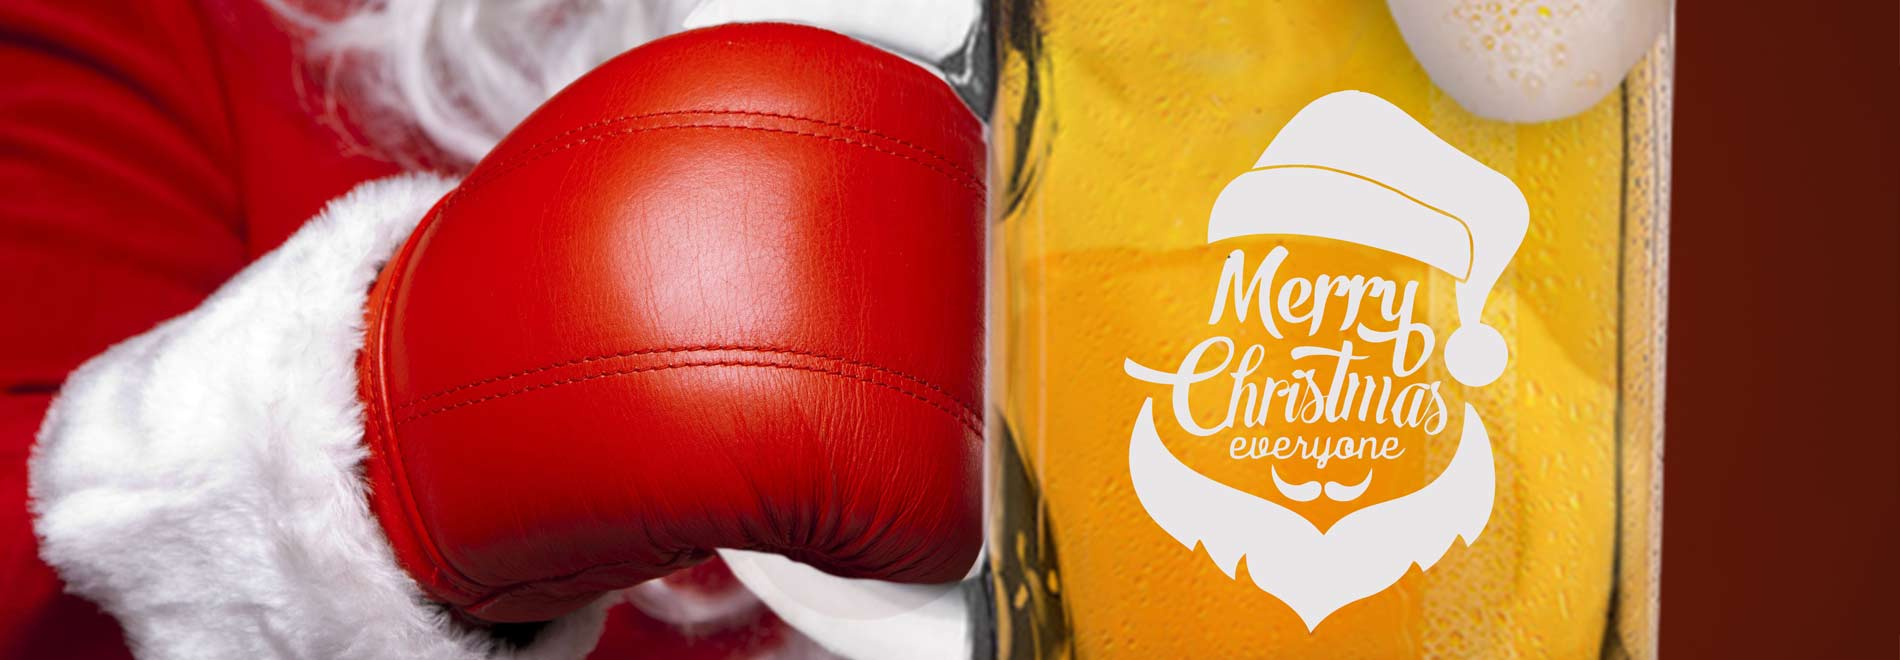 gravierter Bierkrug und Gläser zur Gestaltung